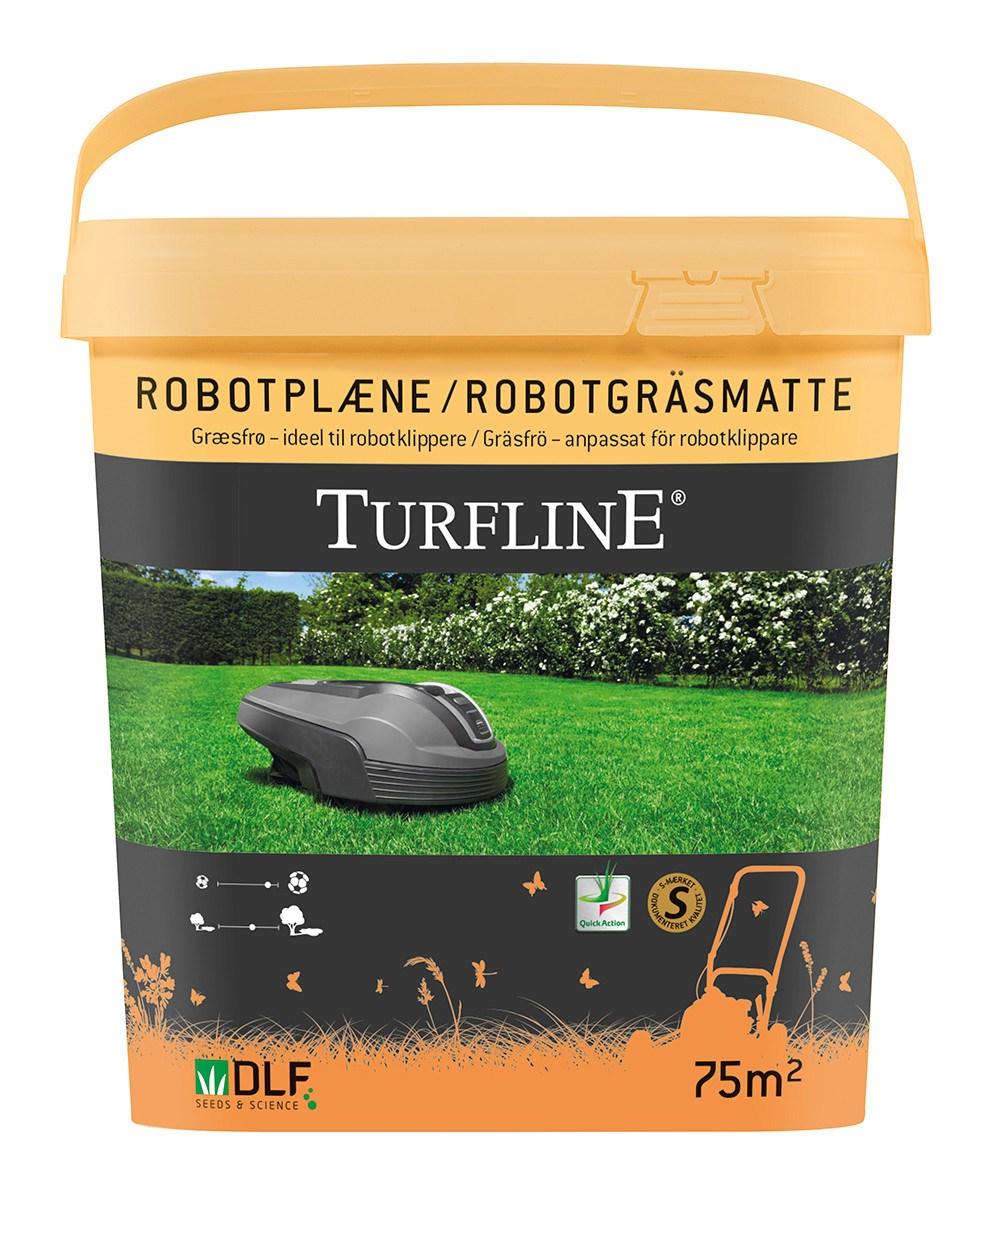 Turfline Robotplæne græsfrø - 75m2 - DATOVARE.